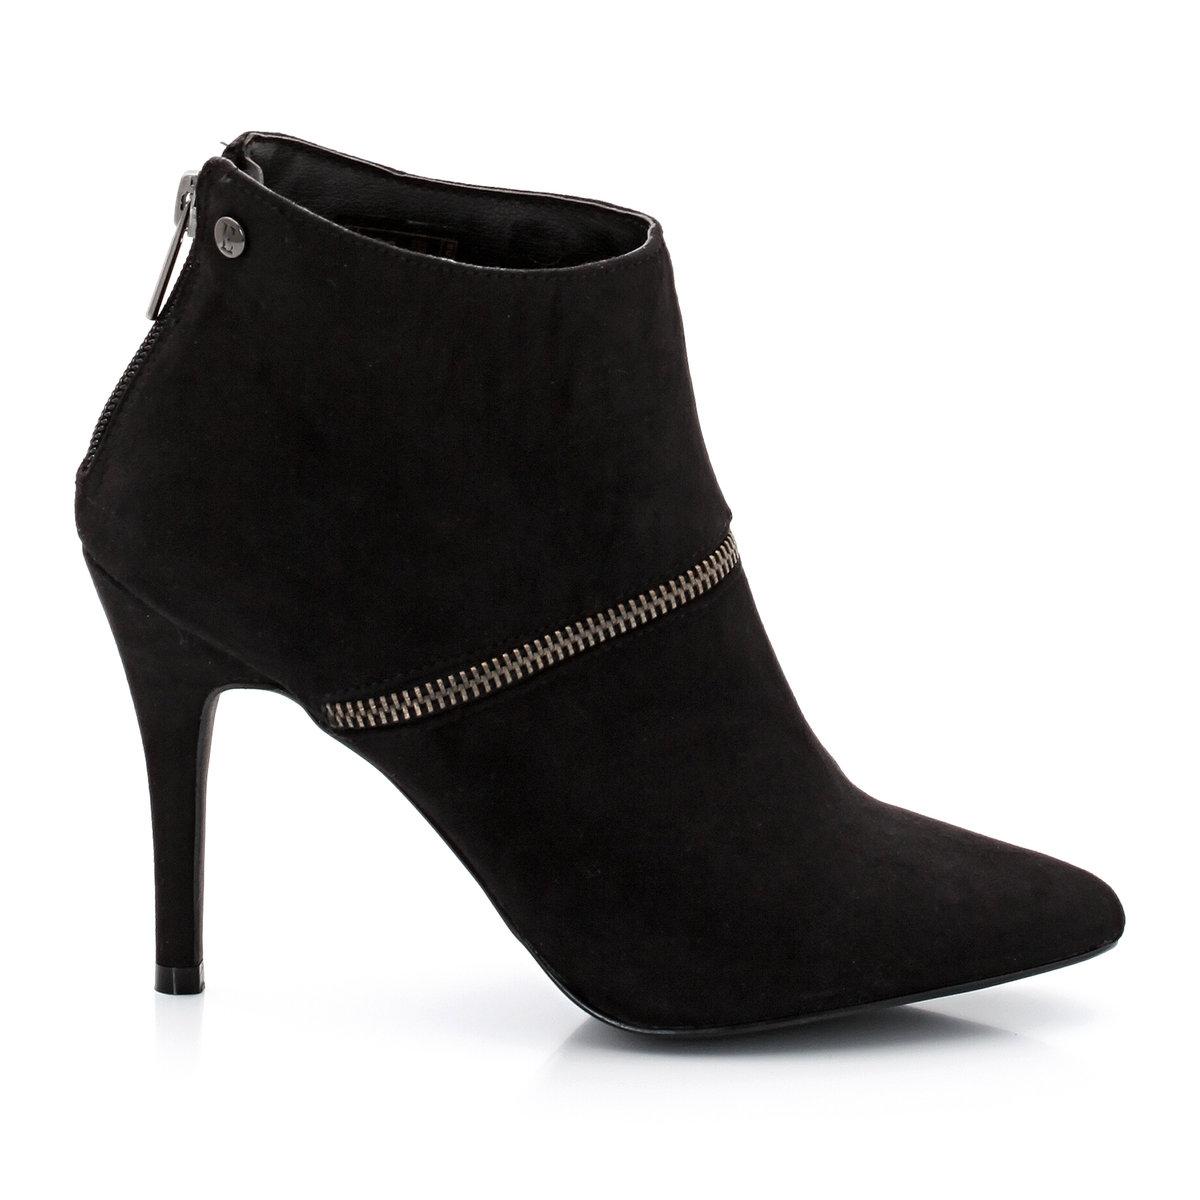 СапогиБренд: Elle. Верх: текстиль.Подкладка: кожа.Стелька: кожа.Подошва: синтетика..Высота каблука: 10 см..Молния сзади: Привлекательная и женственная модель. Сапоги ELLE.<br><br>Цвет: черный<br>Размер: 37.38